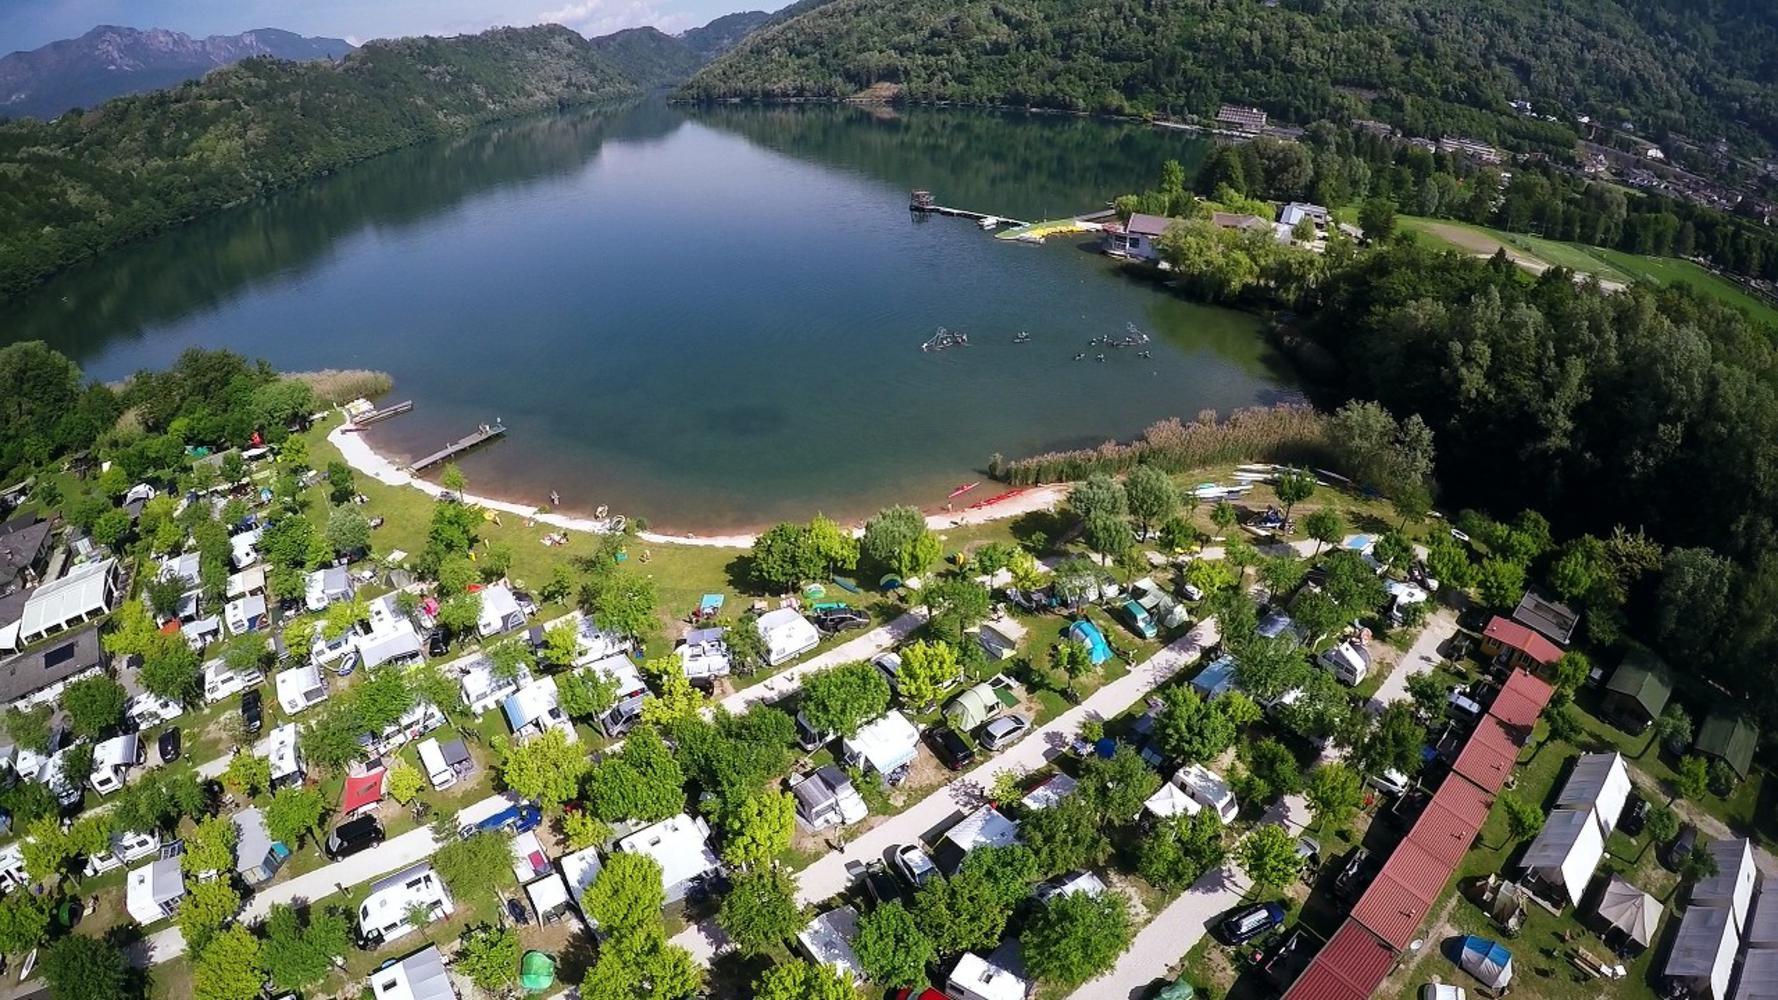 Vista-Lago-di-Levico-Camping-Lgo-di-levico